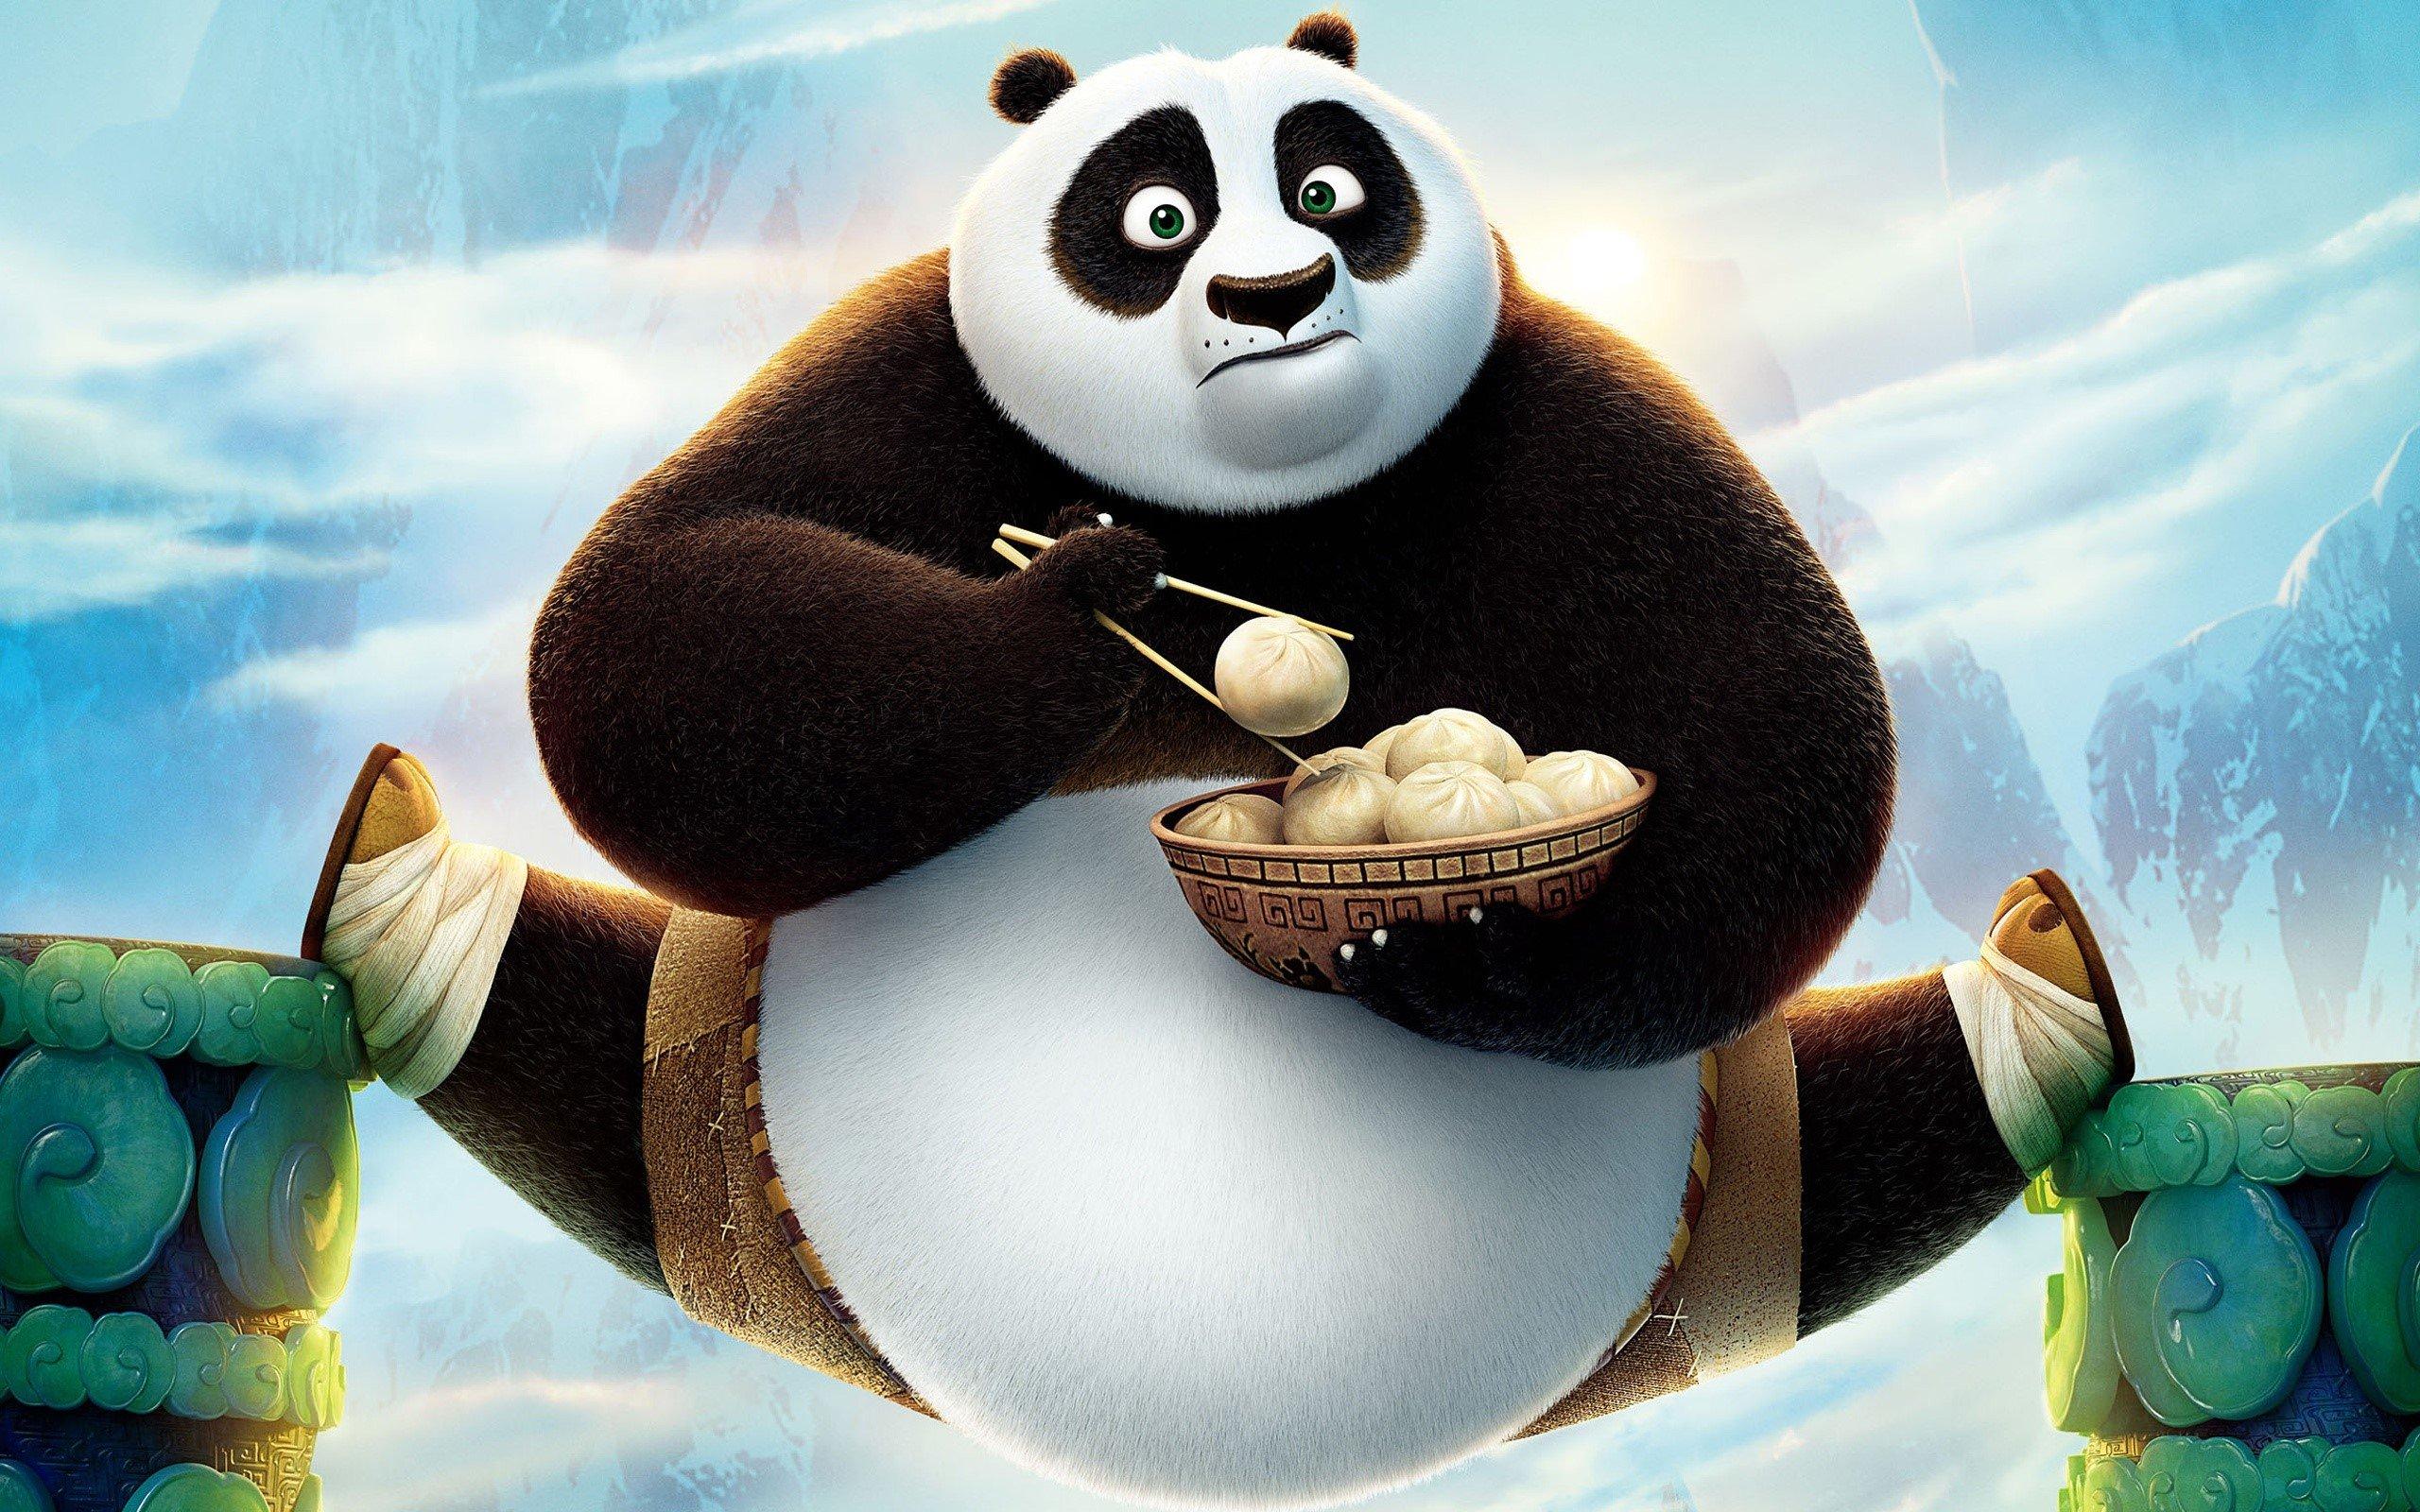 Fondos de pantalla Kung fu panda 3